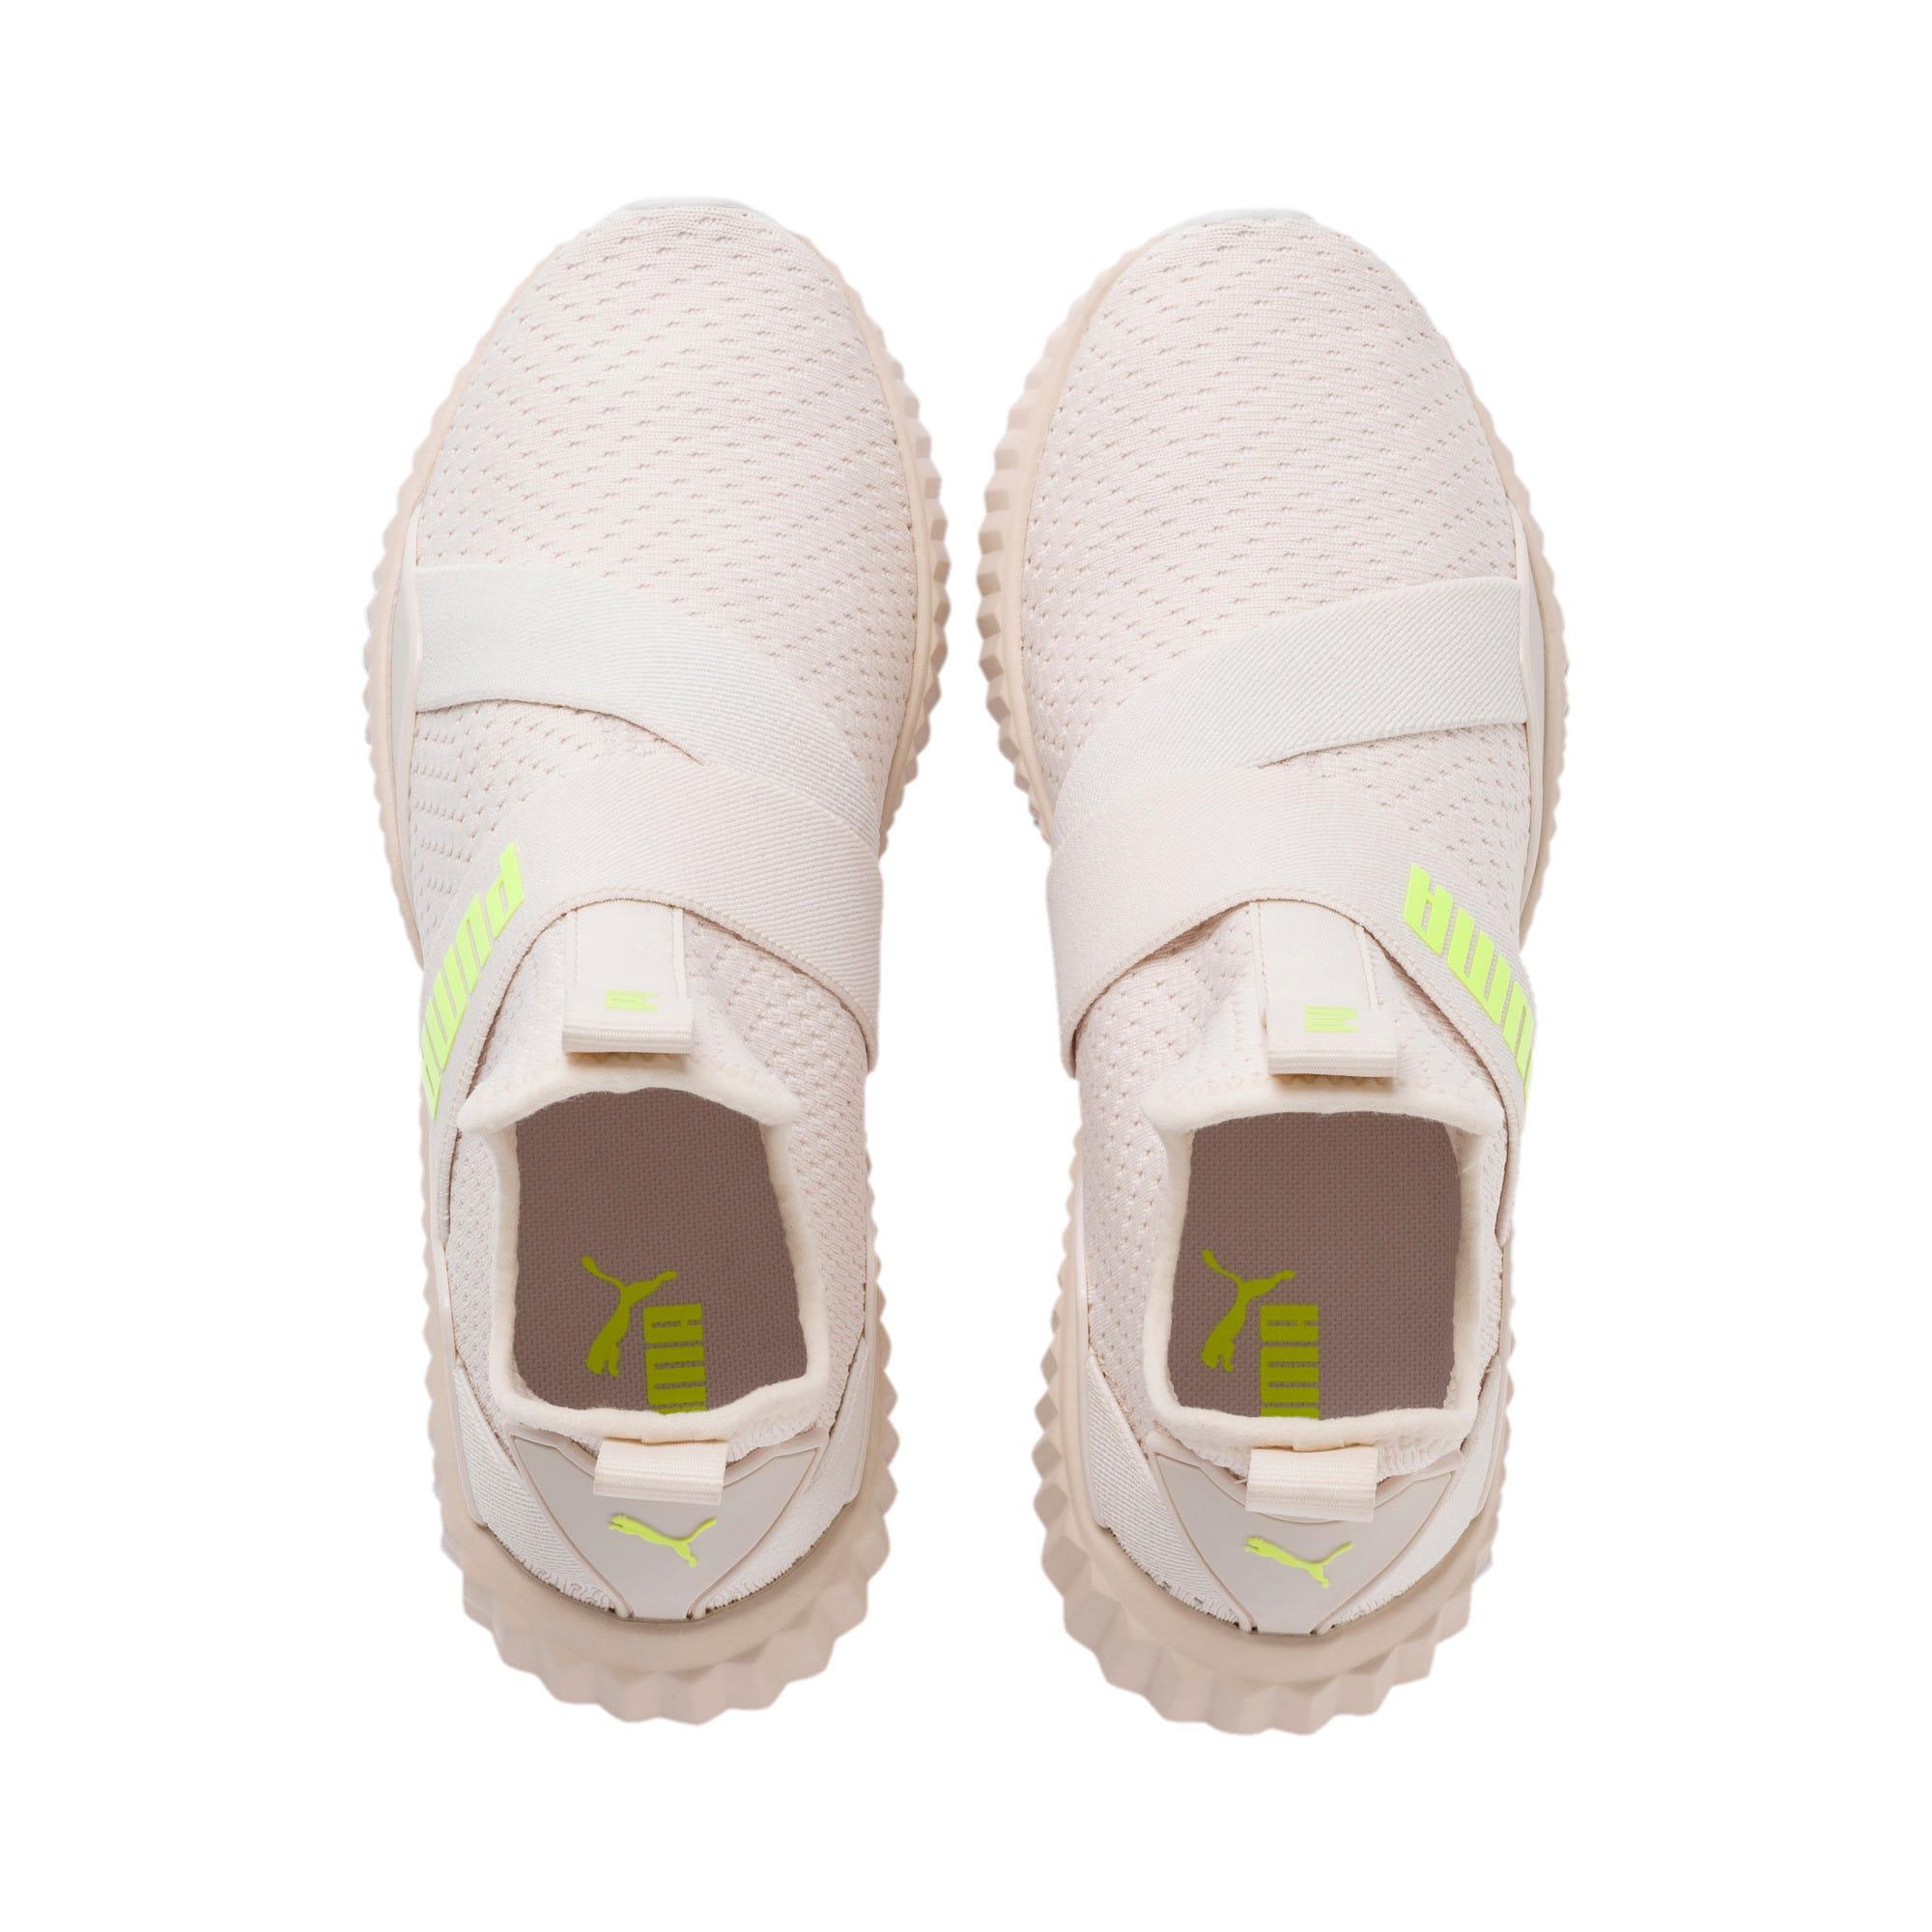 Thumbnail 7 of Defy Mid Core Women's Training Shoes, Pastel Parchment-Puma White, medium